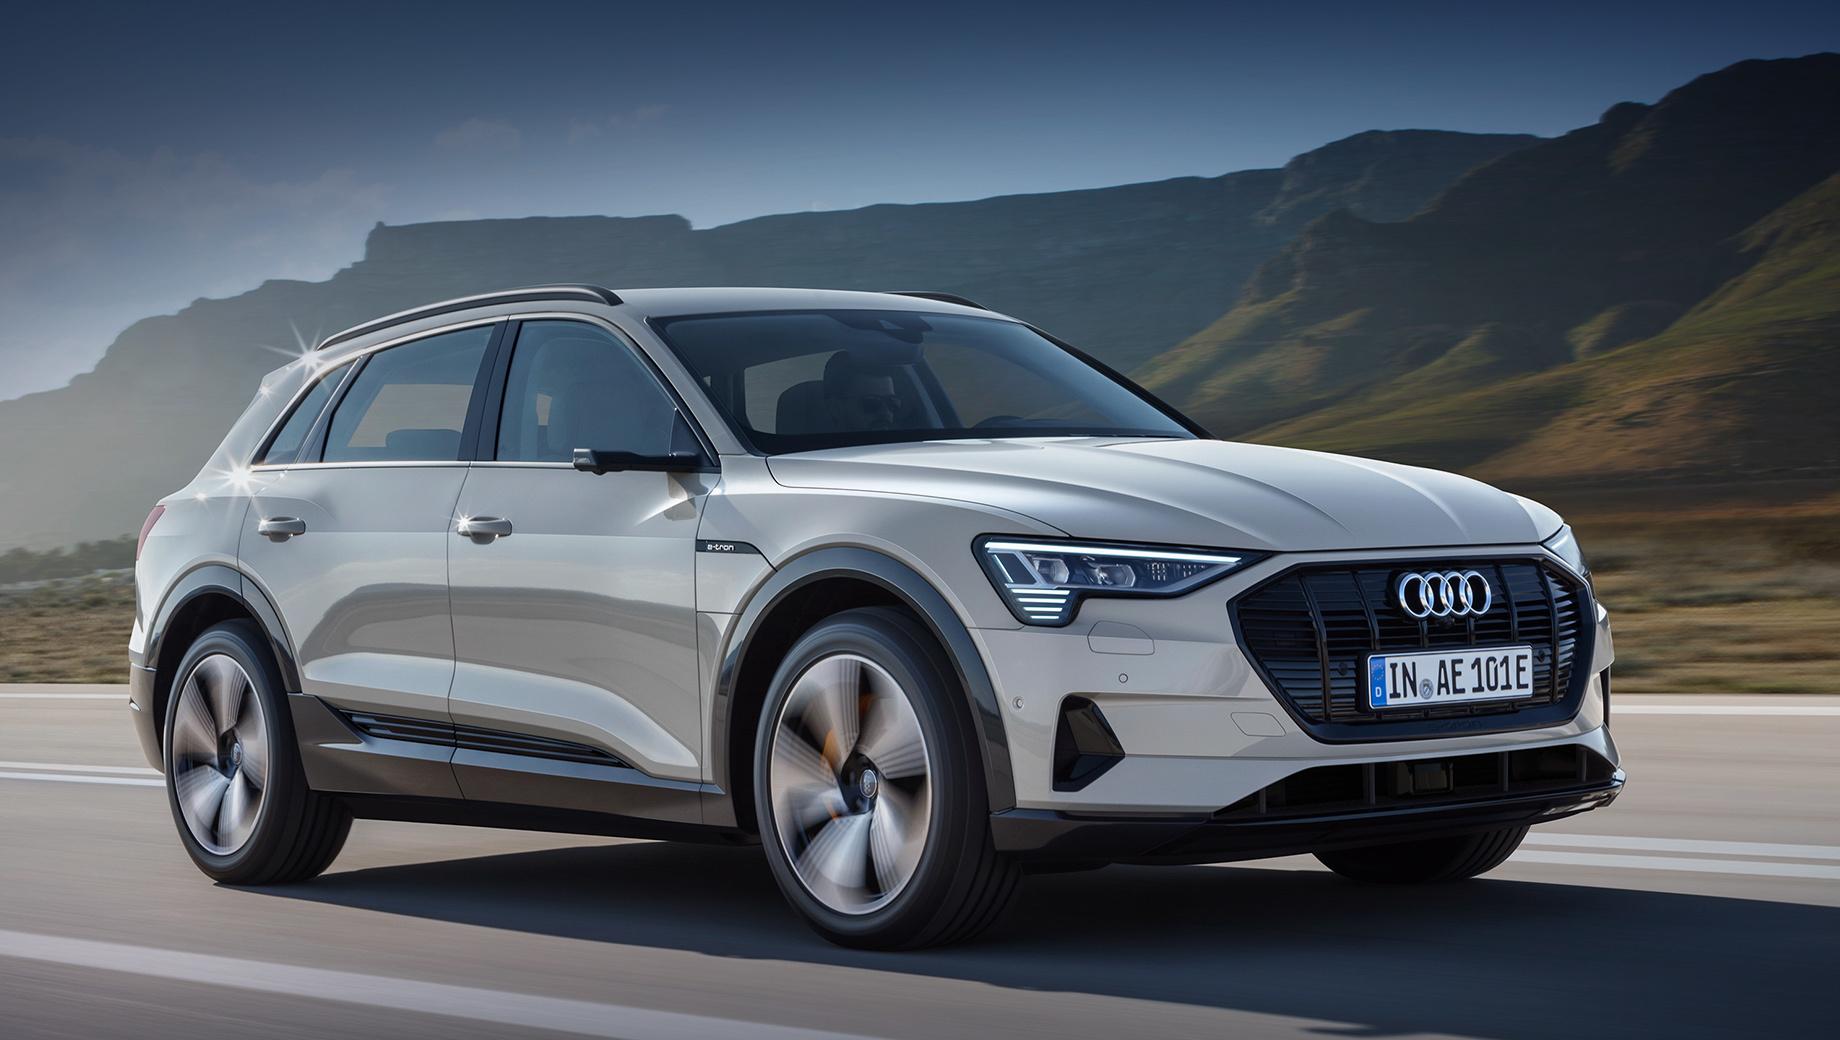 Audi e-tron. Хотя продажи электромобилей в России растут, батарейных кроссоверов — раз (Jaguar I-Pace) и обчёлся. Вроде собирался приехать Mercedes-Benz EQC, но о нём давненько ничего не слышно.